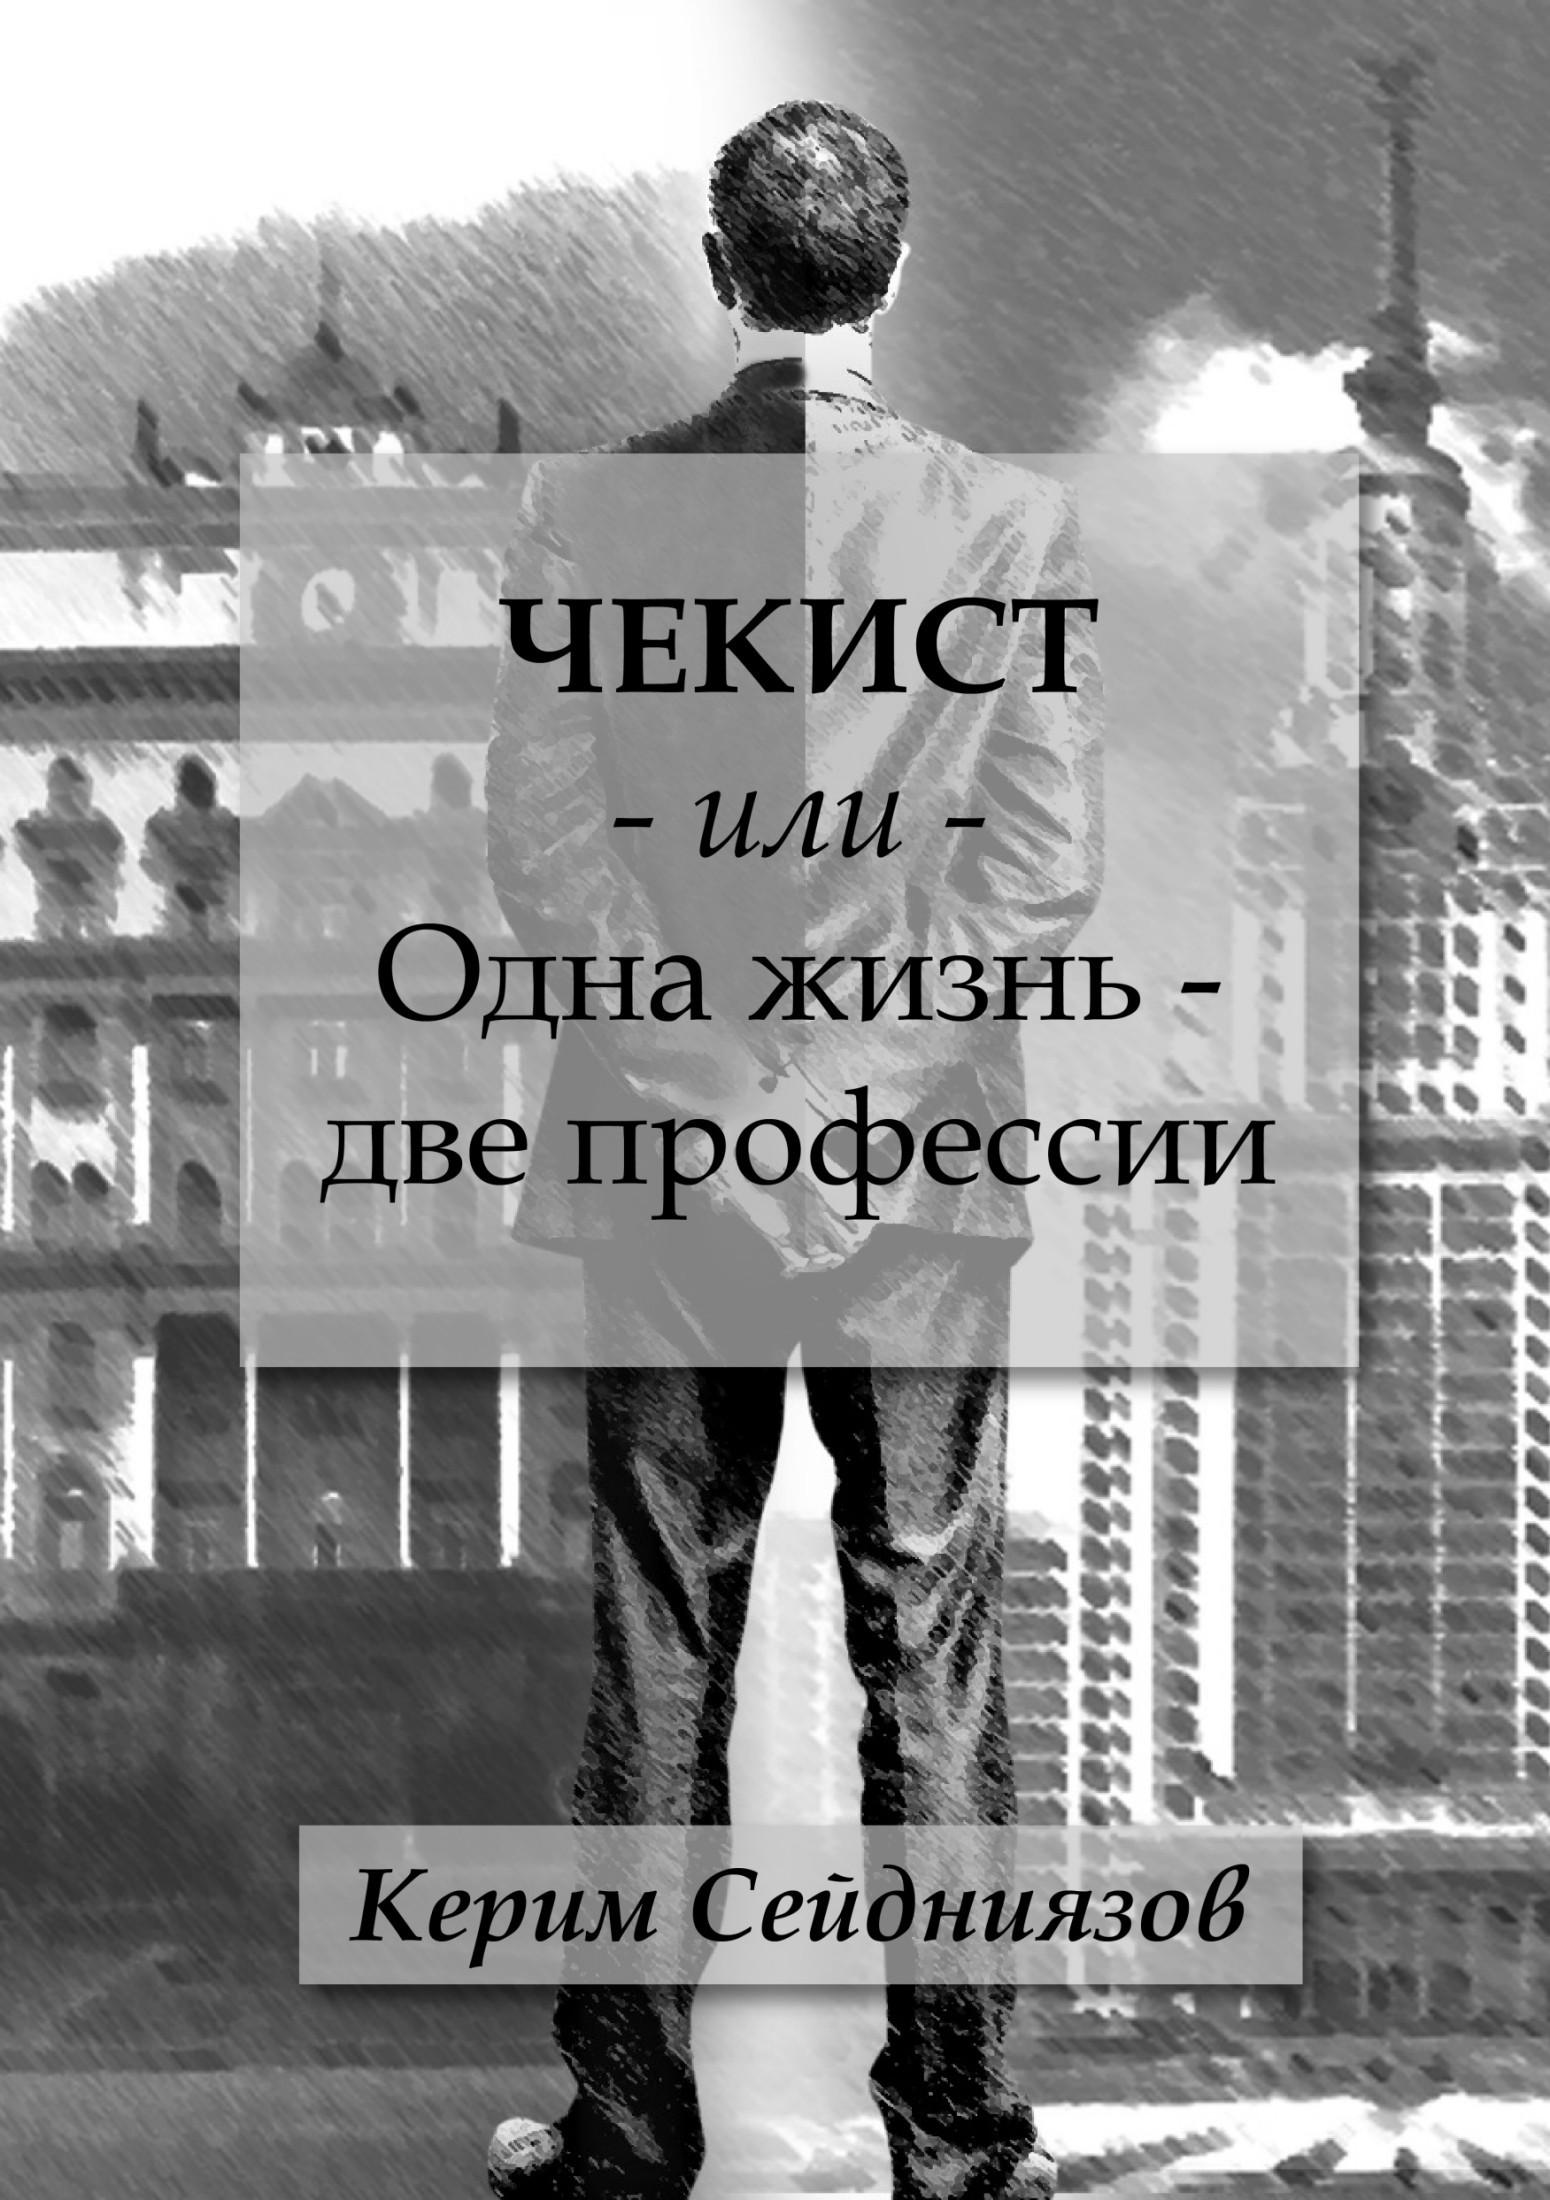 Керим Сейдниязов бесплатно